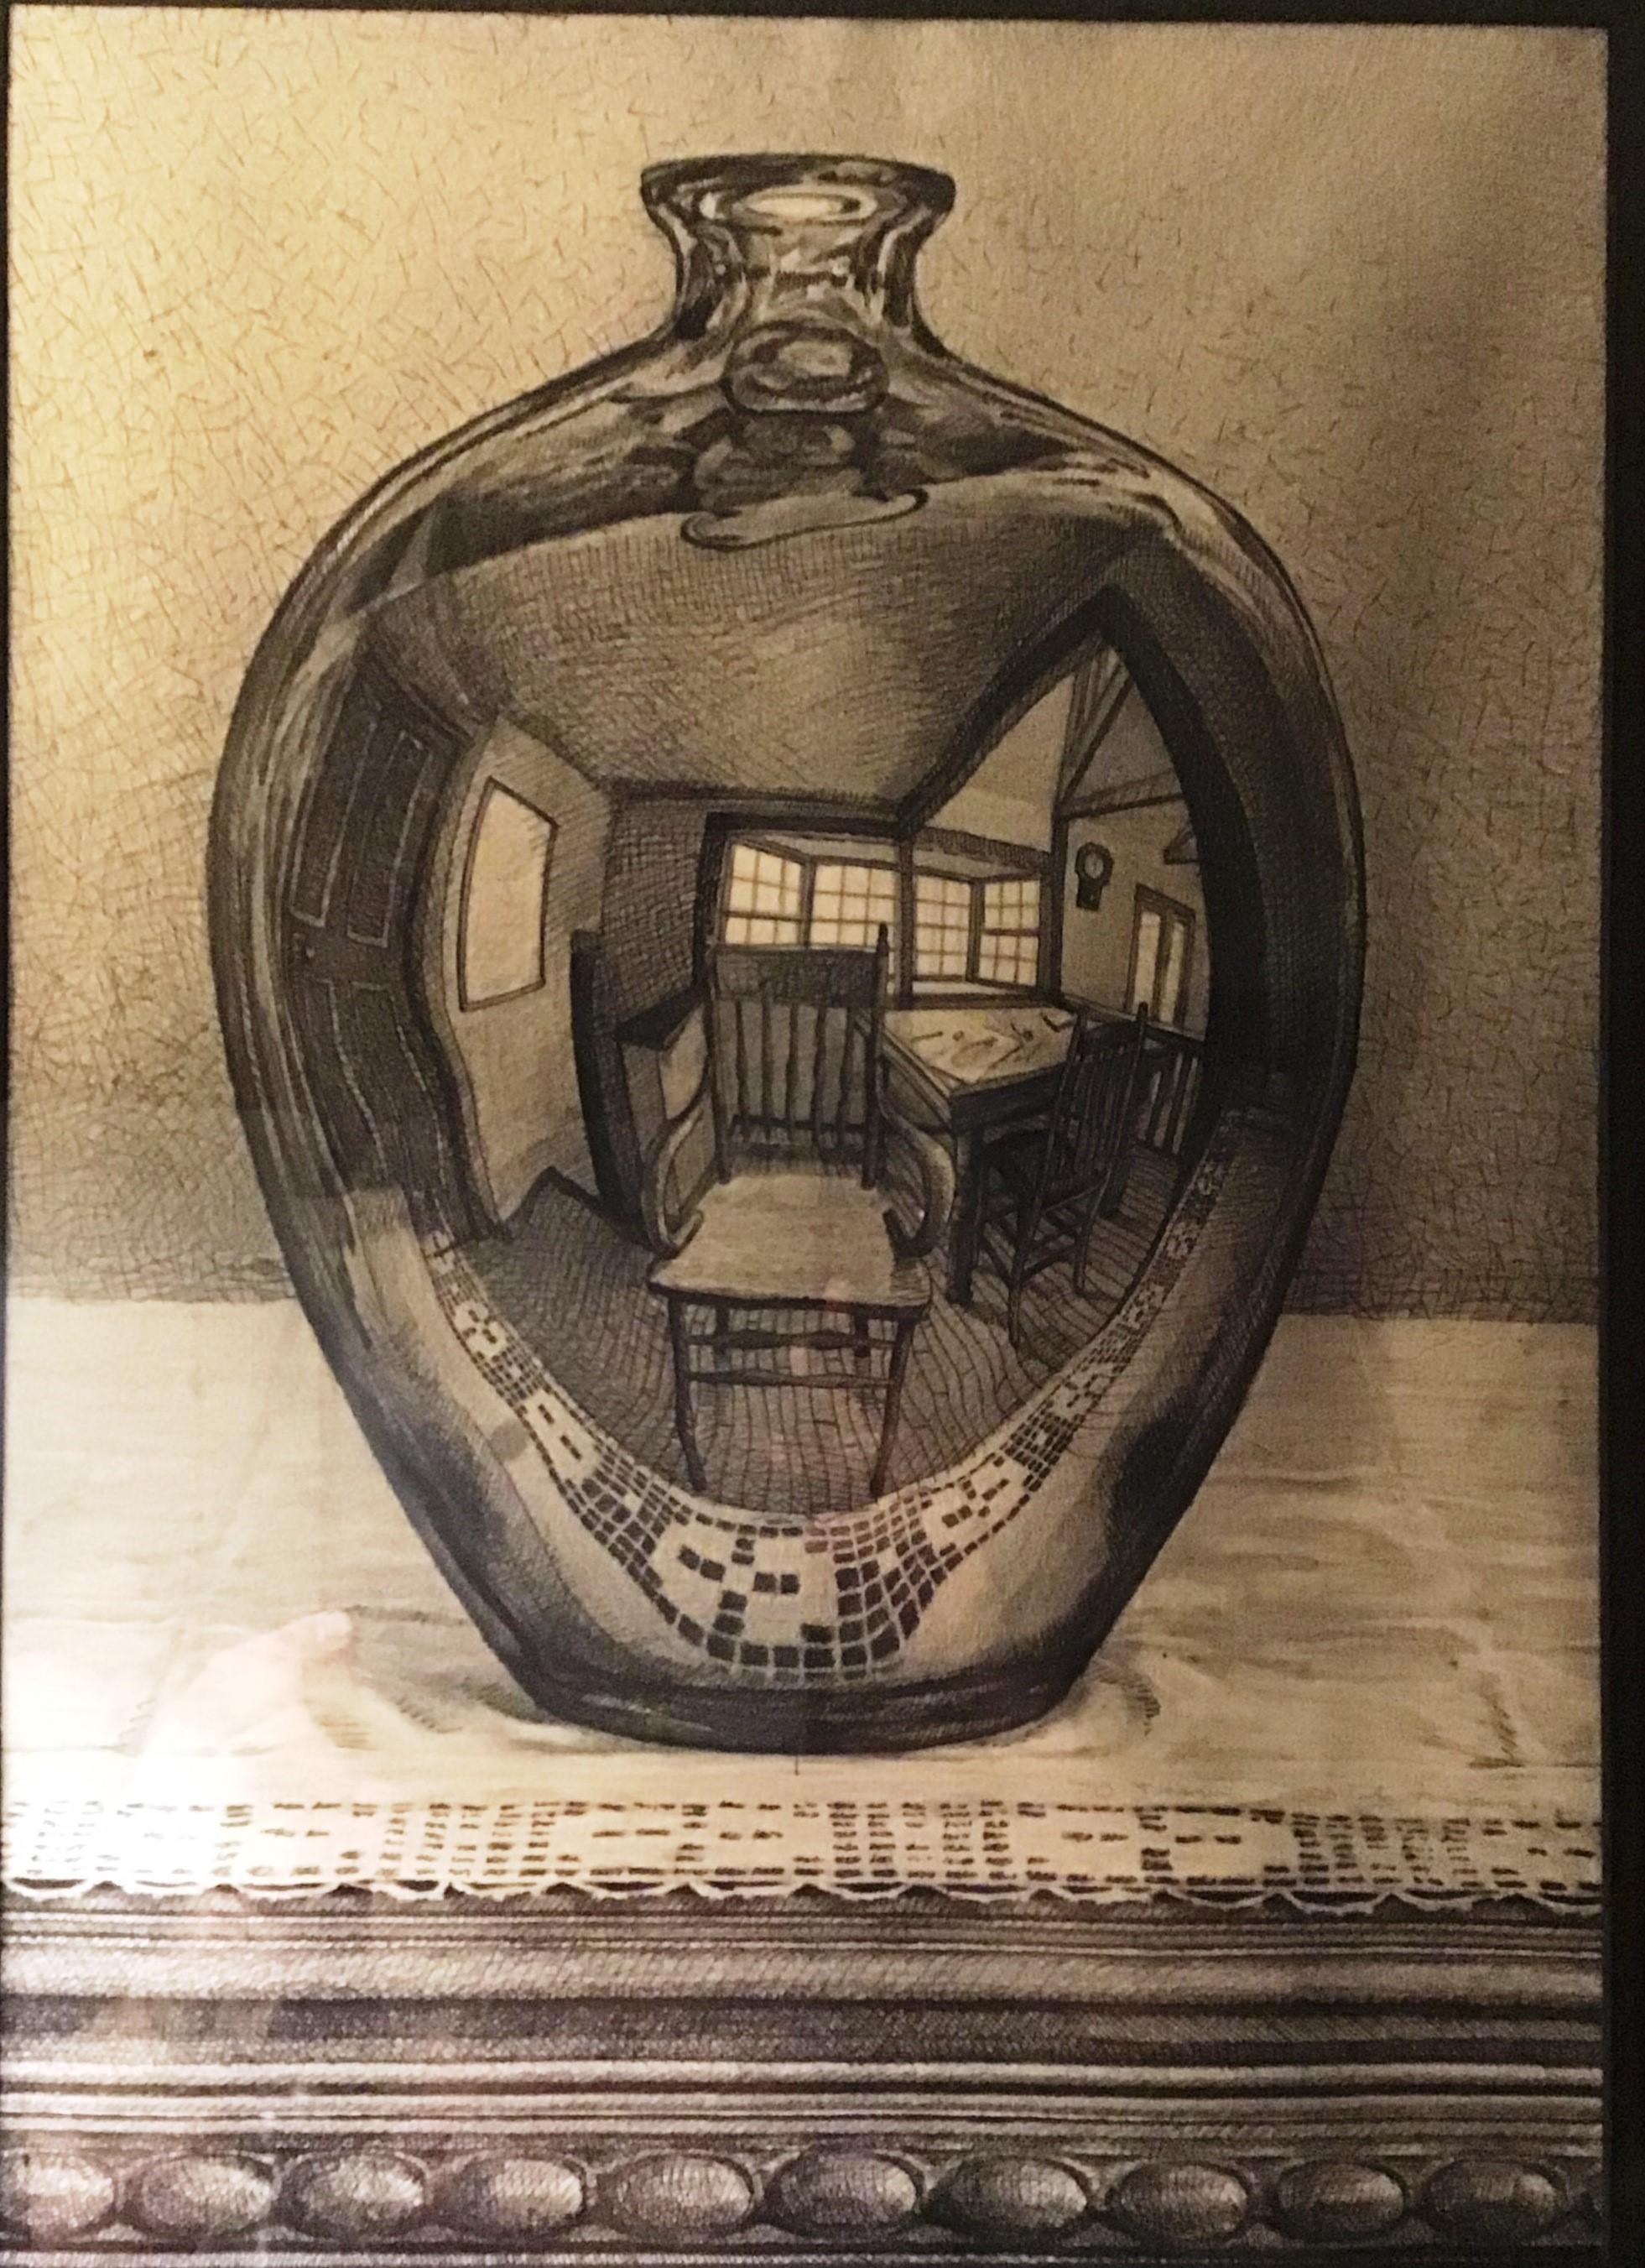 Untitled artwork by Scott Fraser - art listed for sale on Artplode